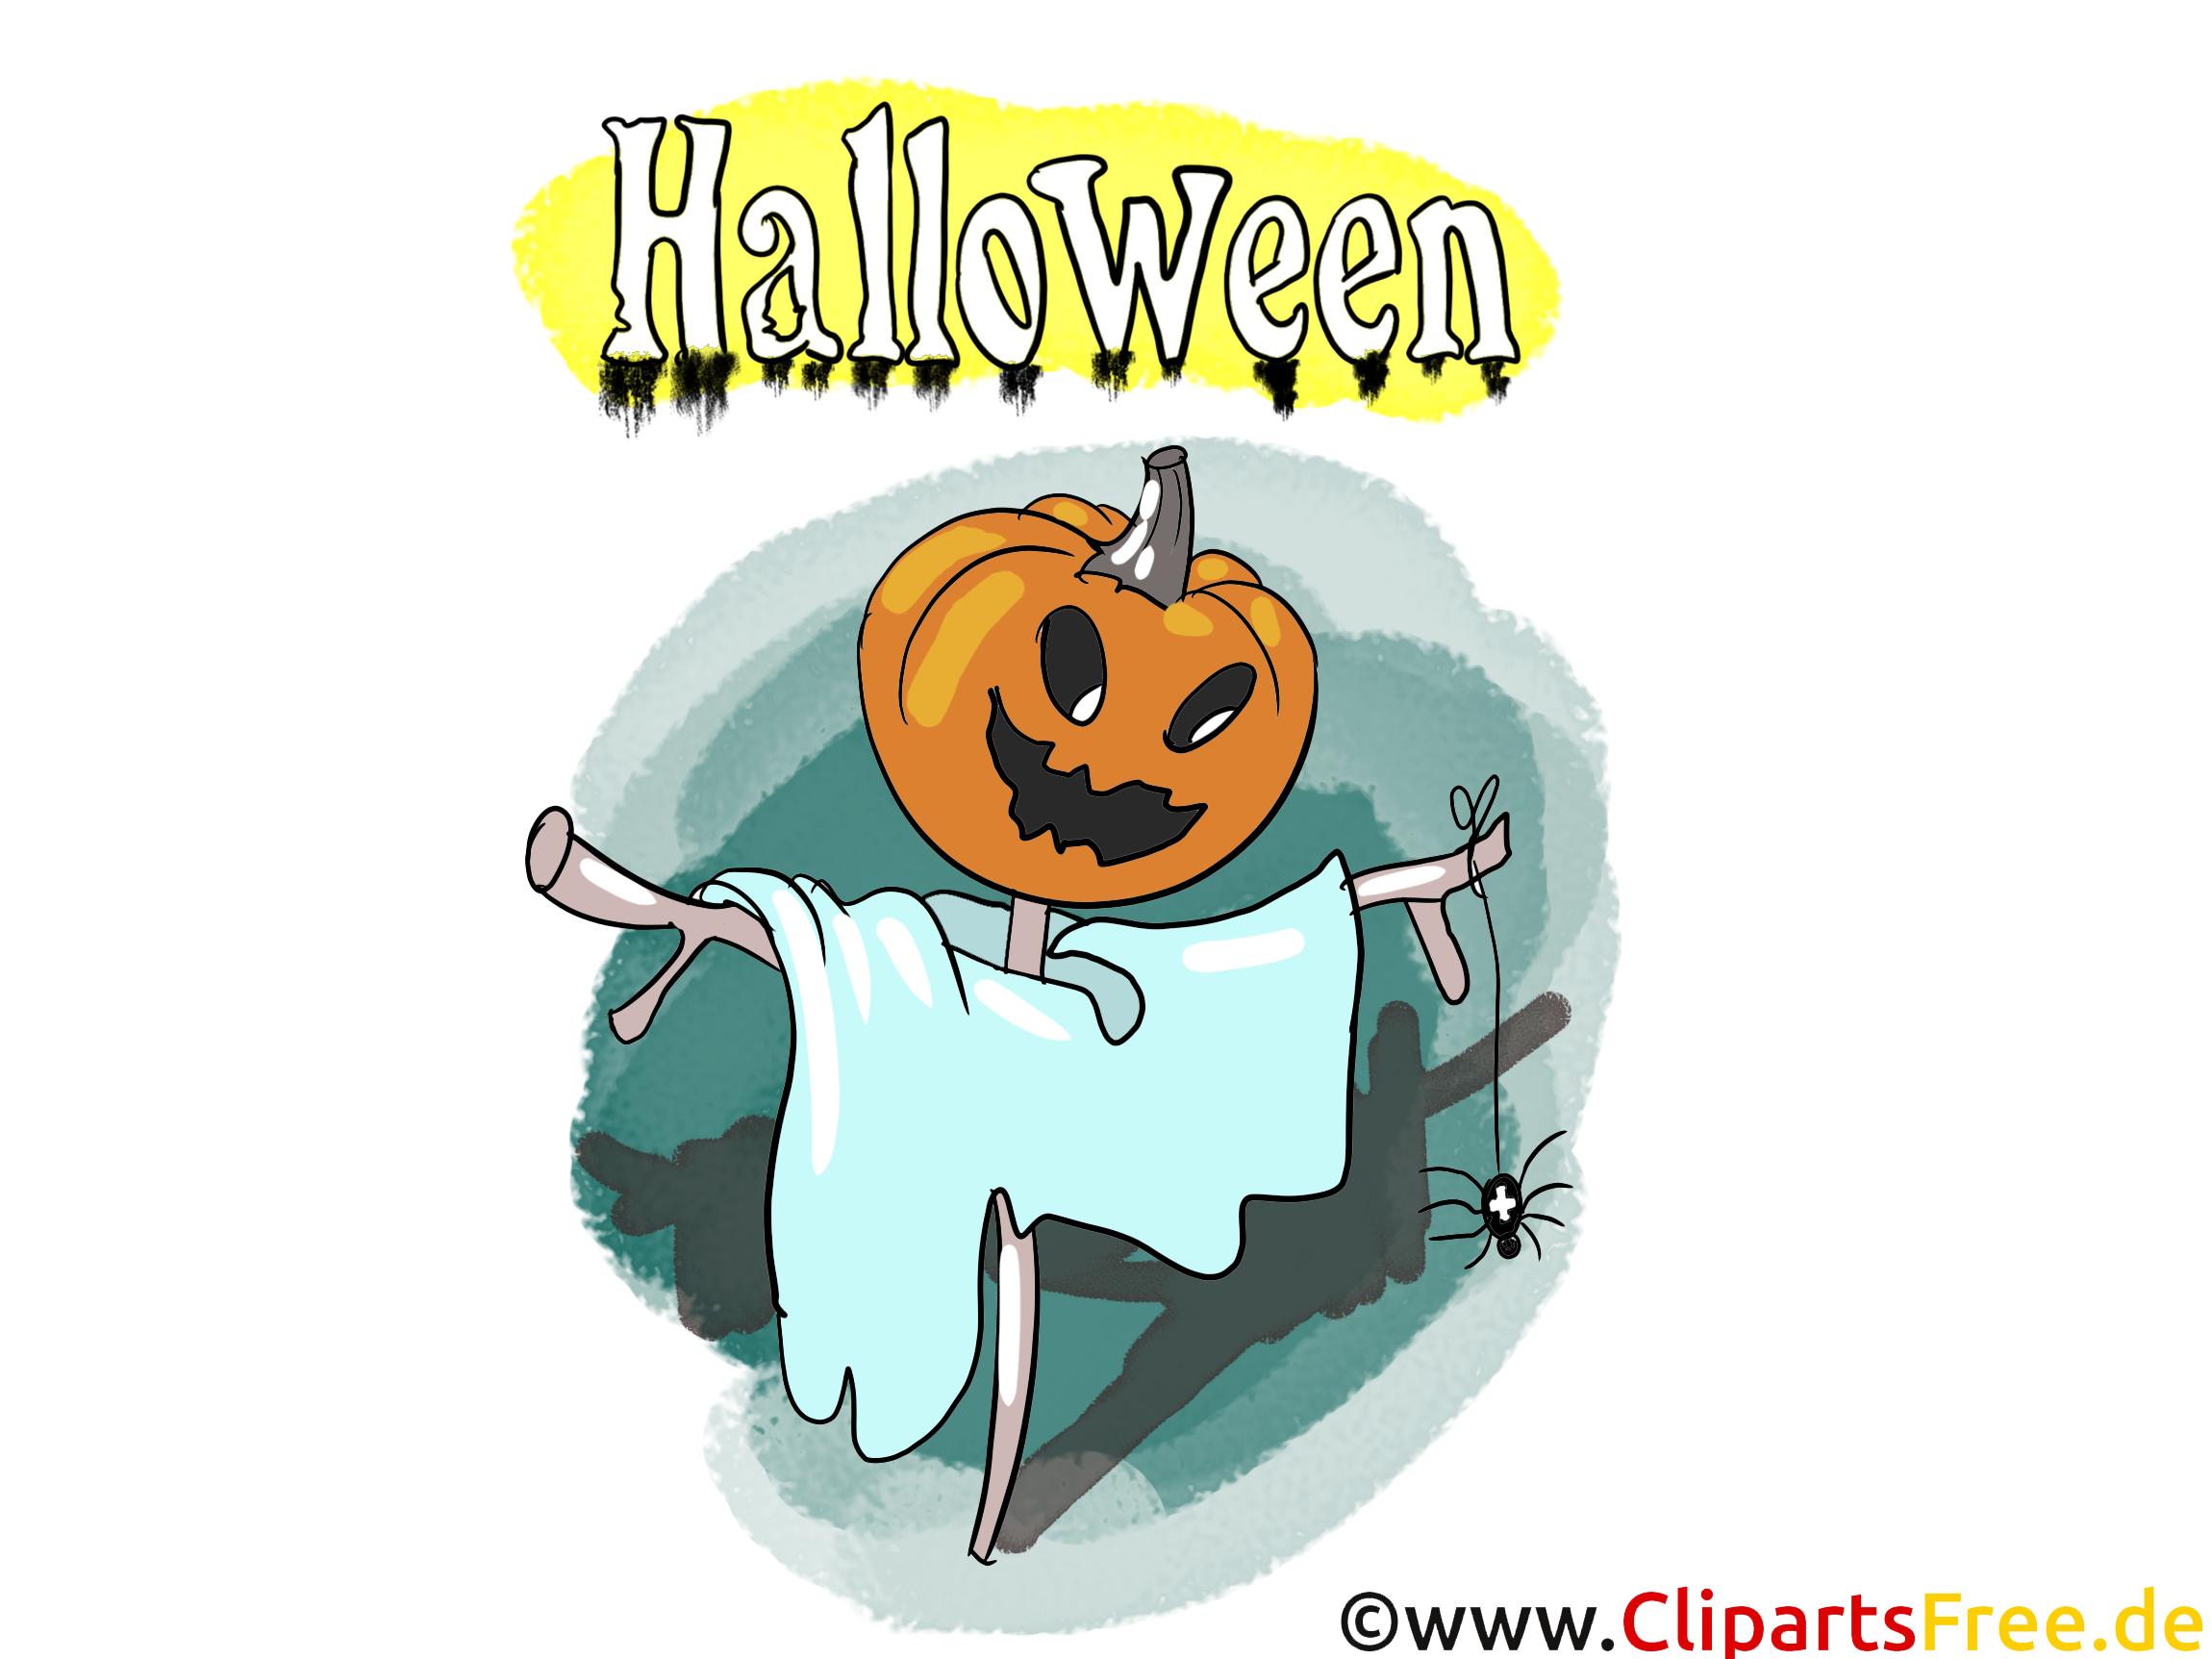 Épouvantail image - Halloween images cliparts